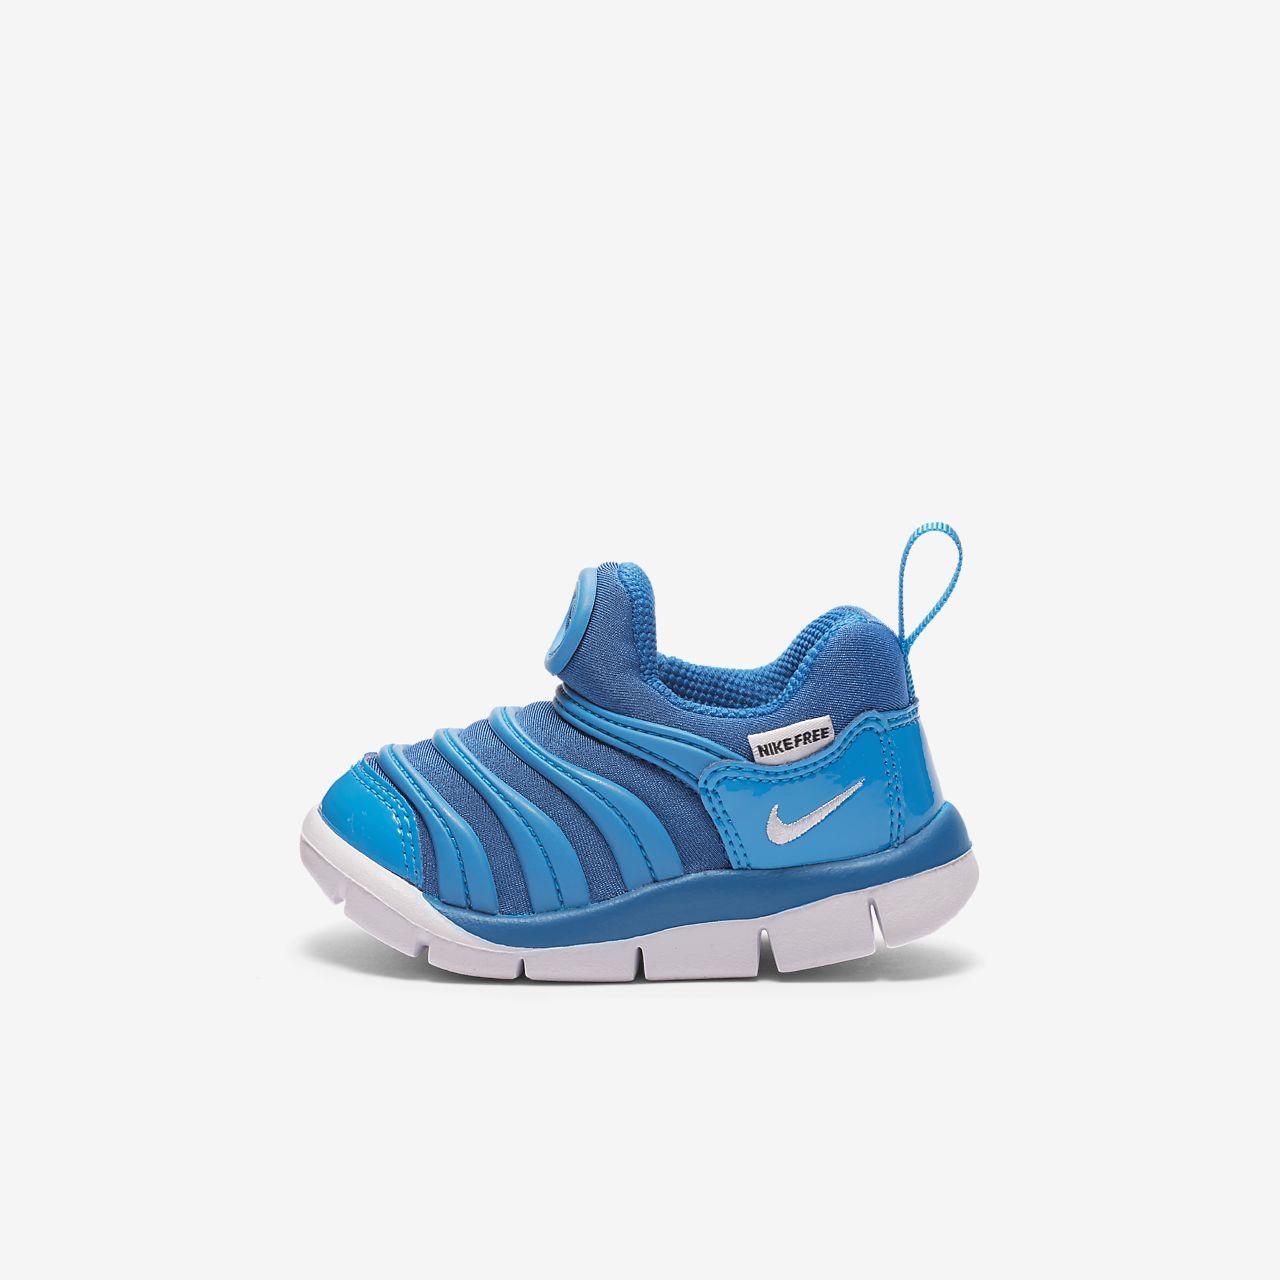 b8b48076ebf48 Chaussure Nike Dynamo Free pour Bébé Petit LU LU LU 54458d ...